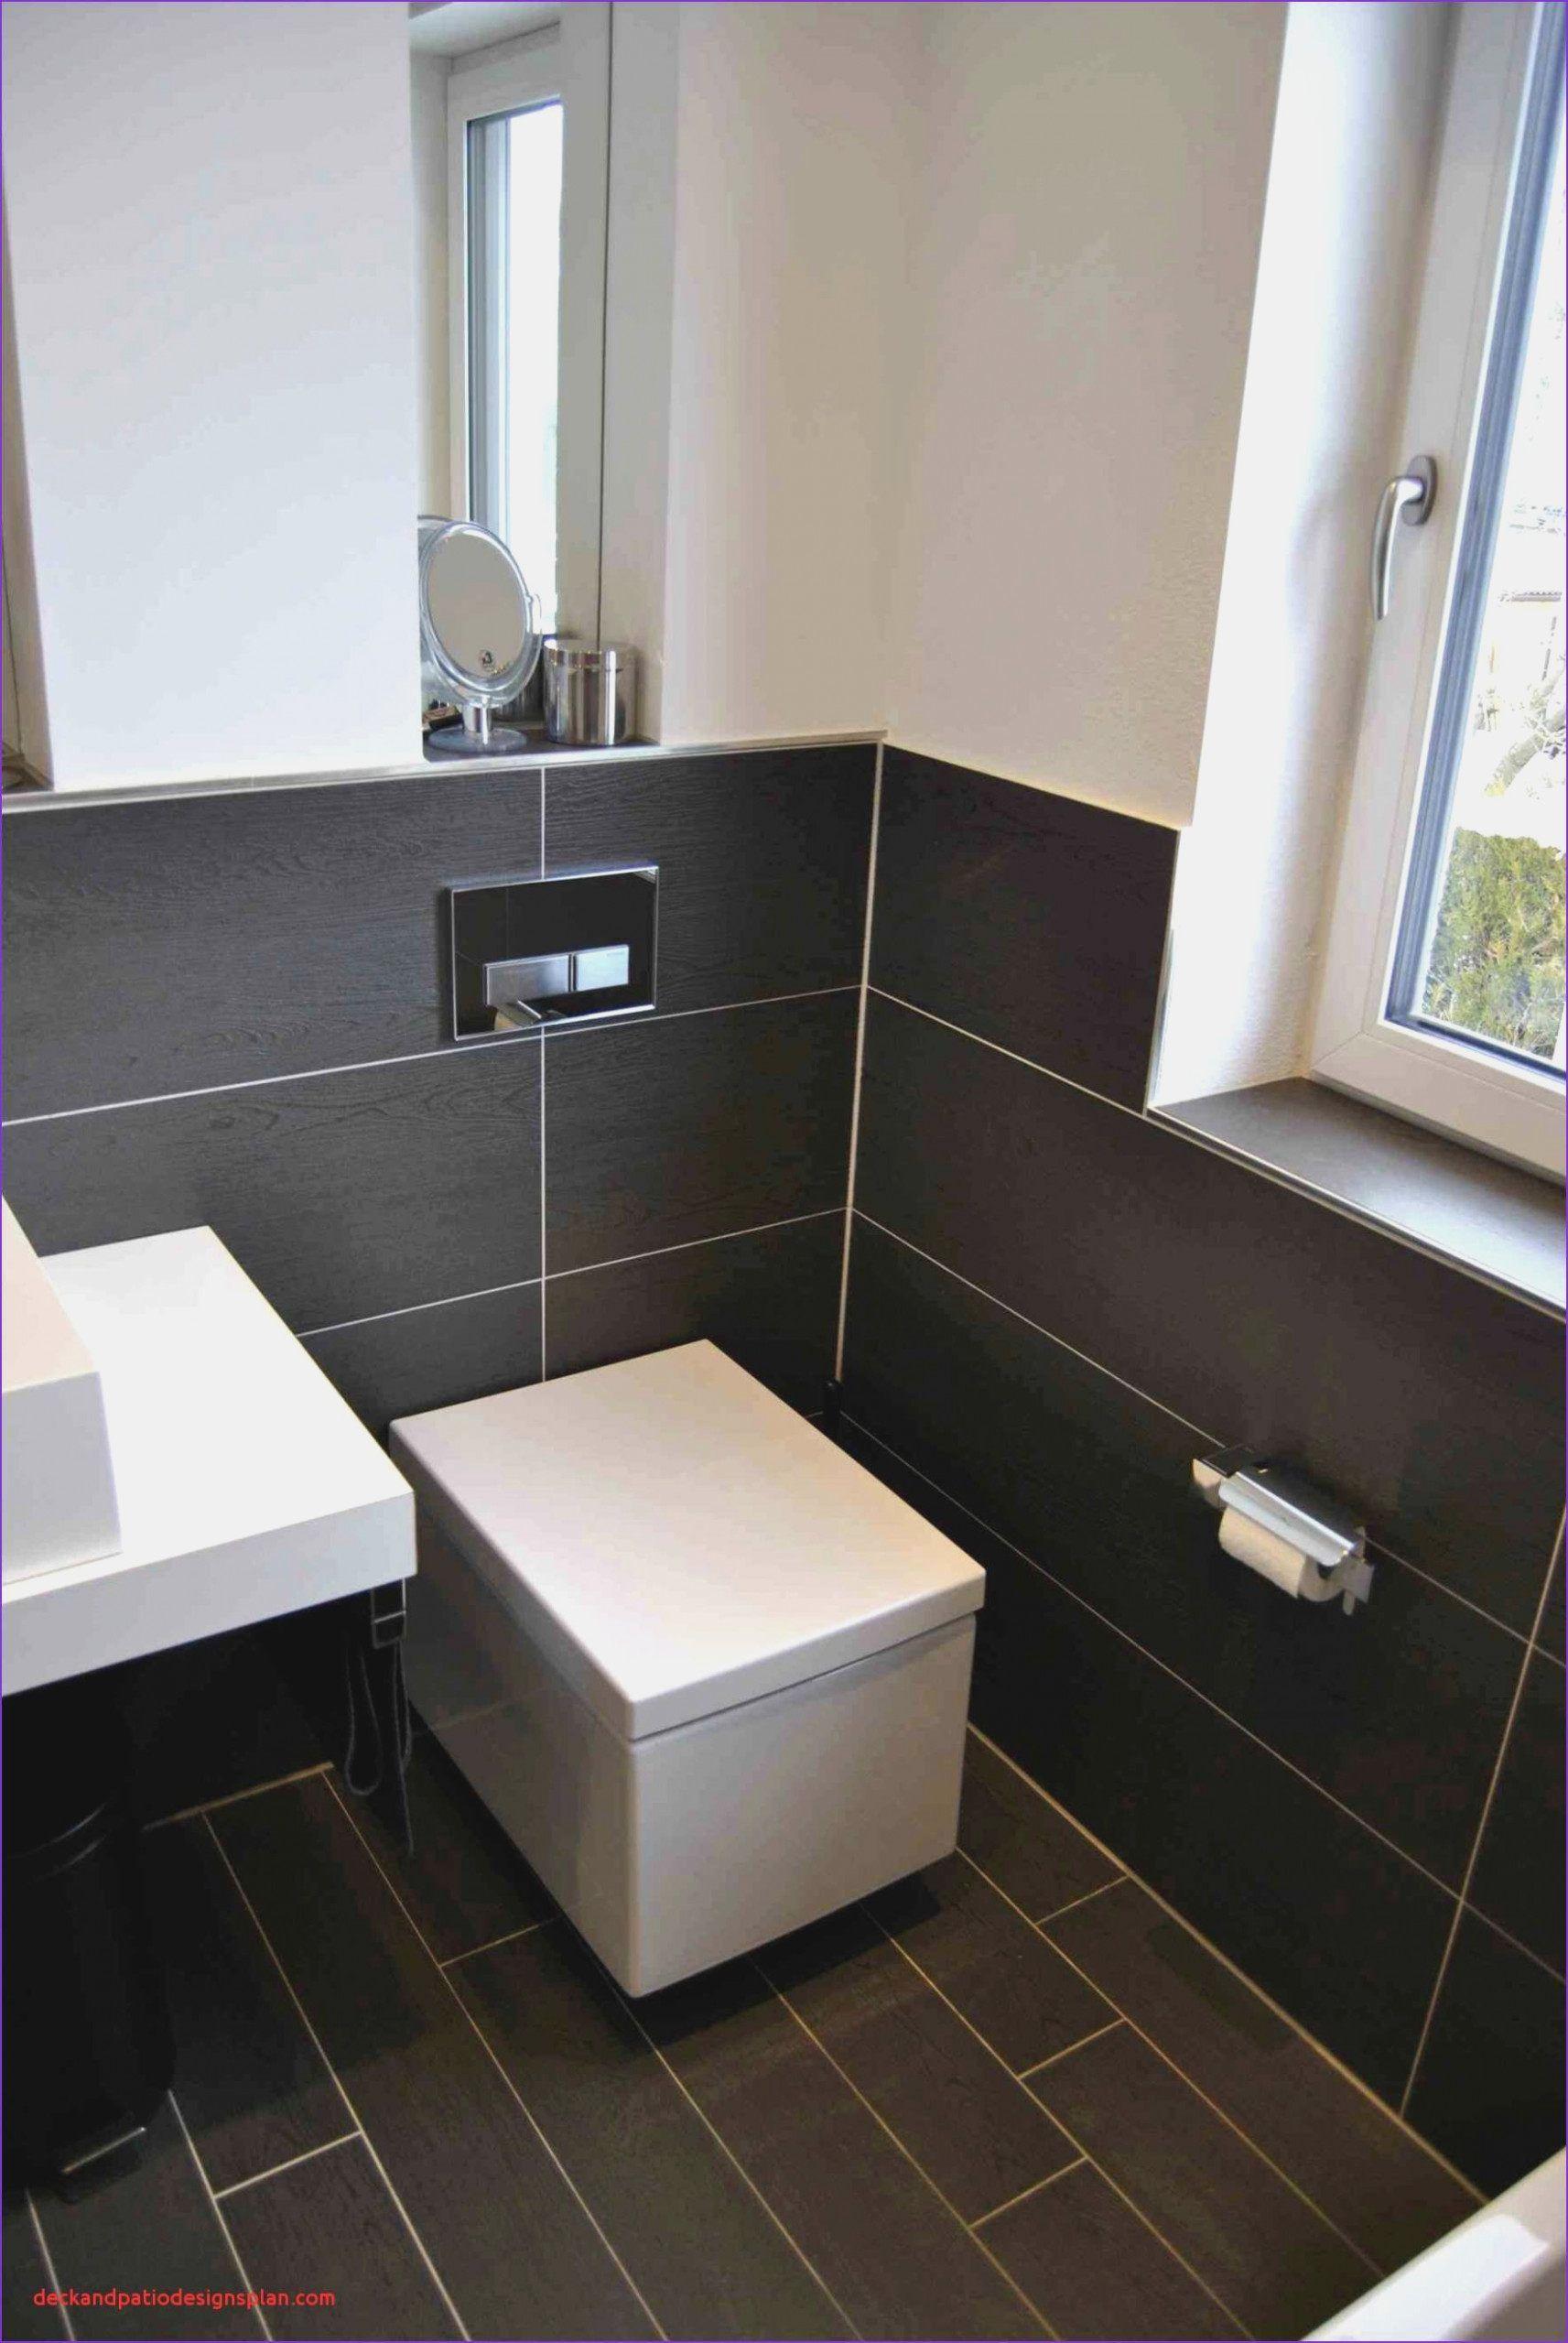 12 Bad In Holzoptik Elegant Pvc Badezimmer D Inspiration Von Fliesen Eintagamsee Badezimmer Fliesen Neues Badezimmer Badezimmerboden